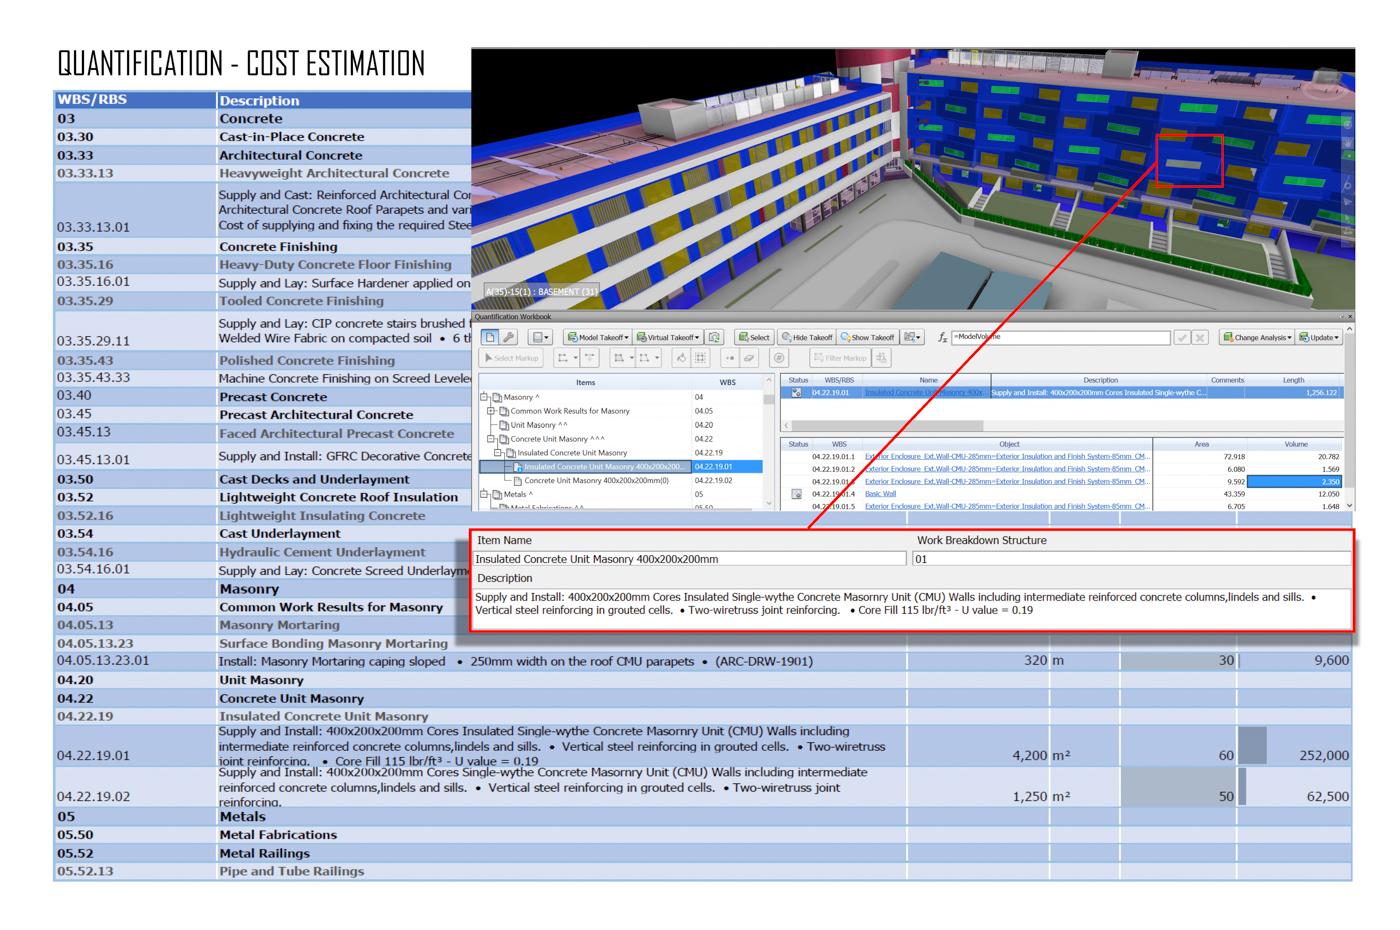 BIM originated quantification schedules